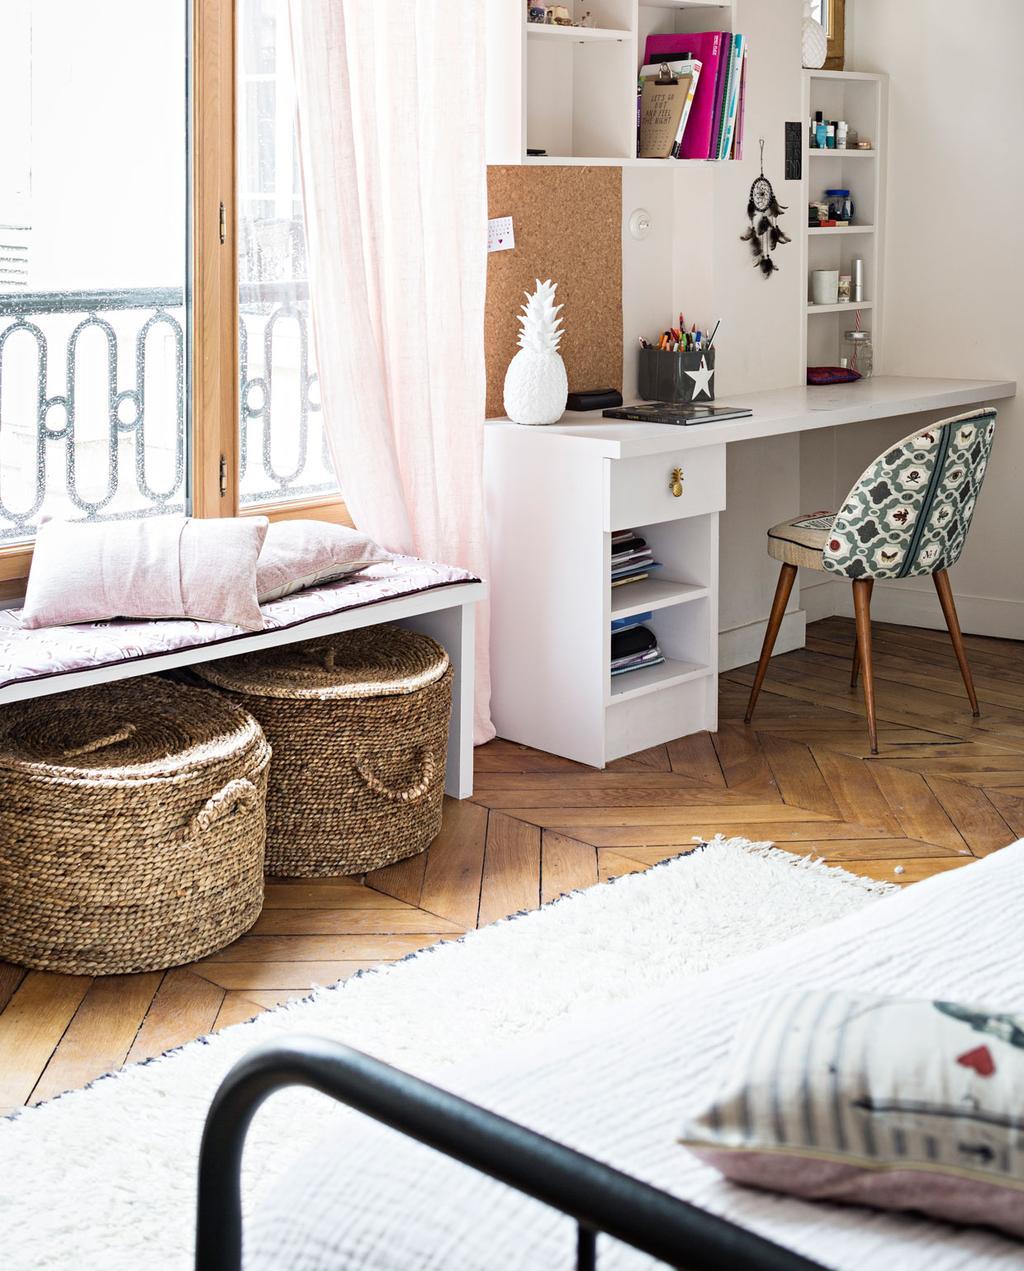 vtwonen 10-2019 | slaapkamer met vloerkleed